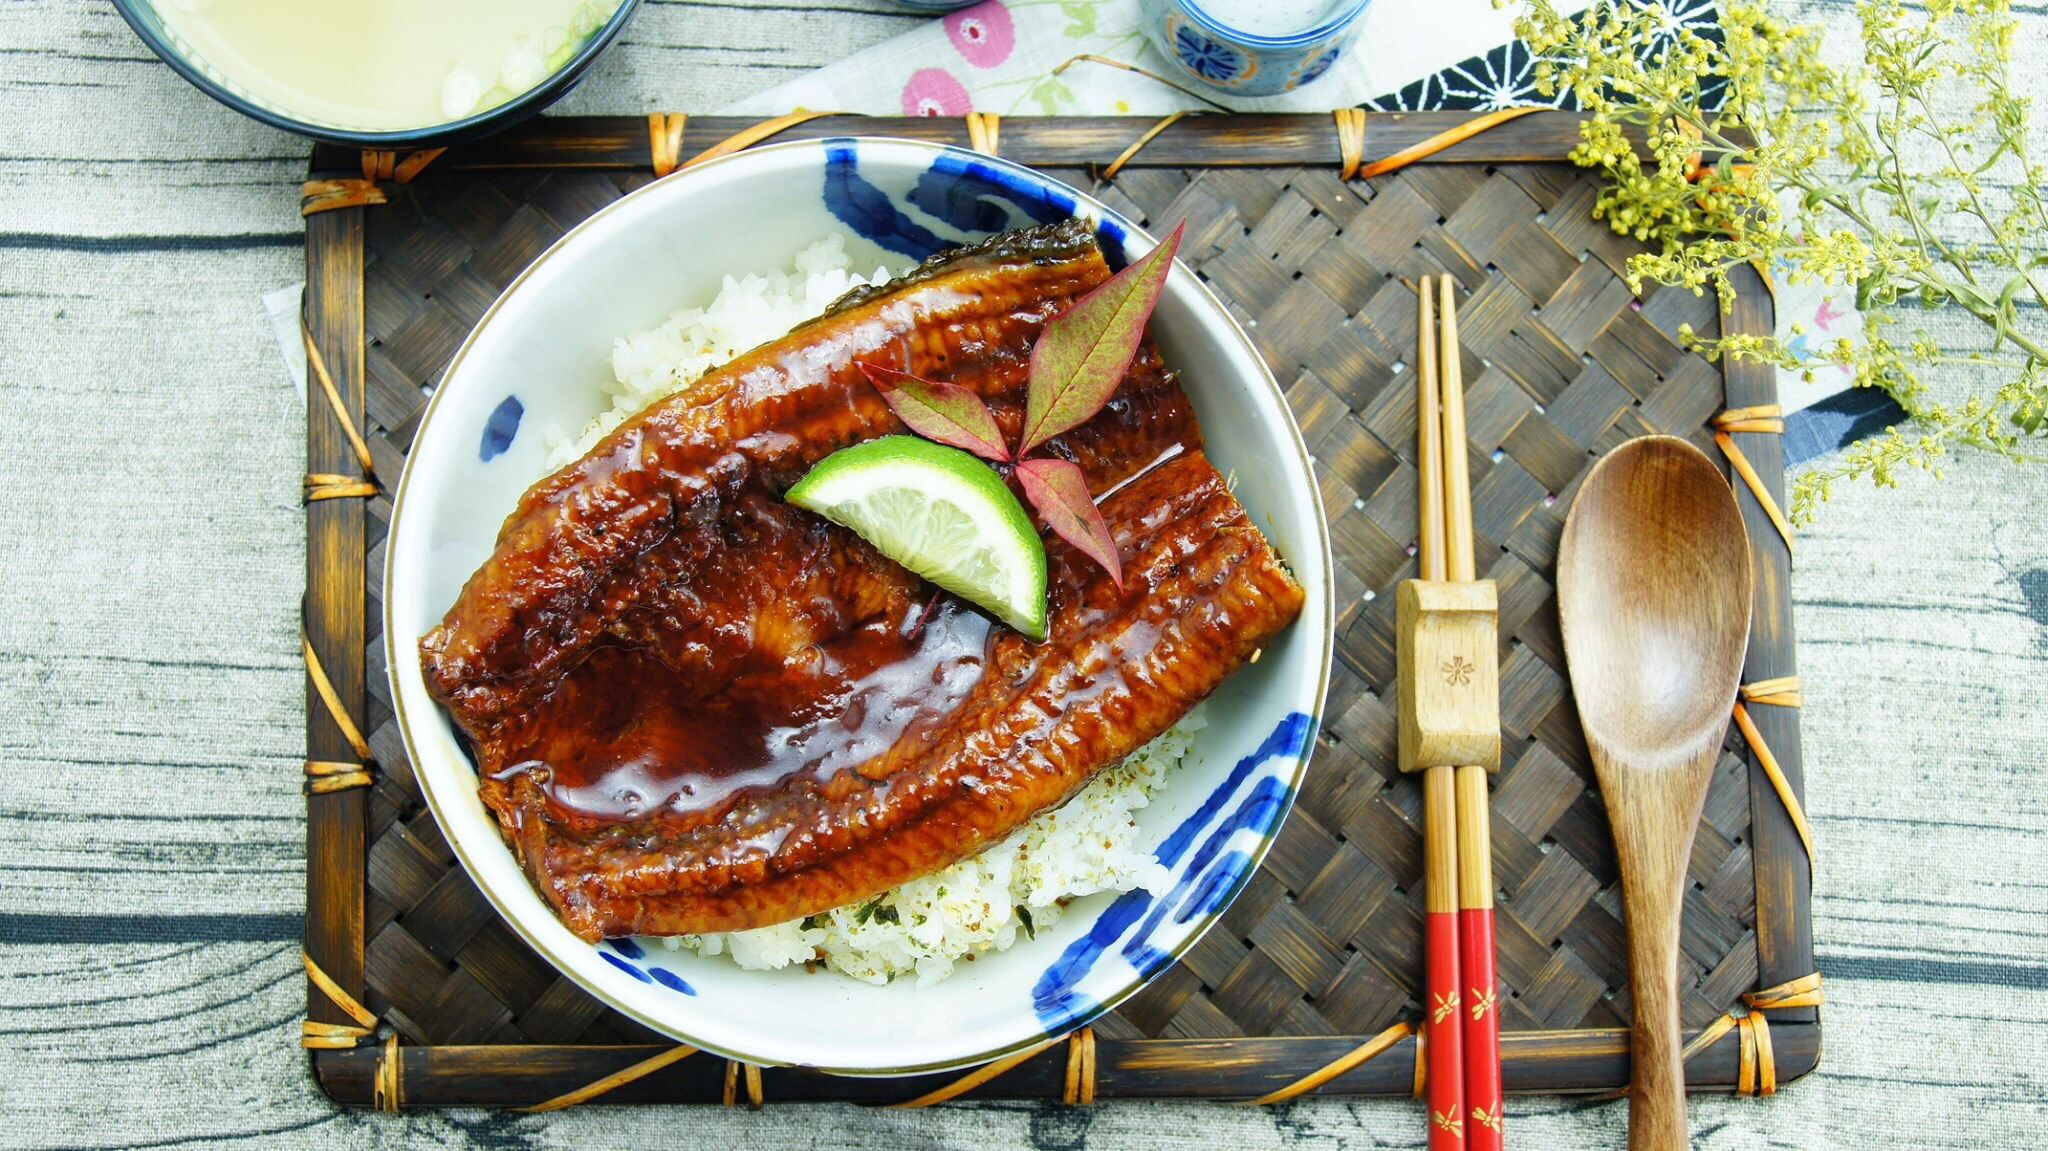 【祐全蒲燒鰻】日式蒲燒鰻魚(200g/尾x 1入,另有禮盒包裝.是您選購水產送禮的好選擇.